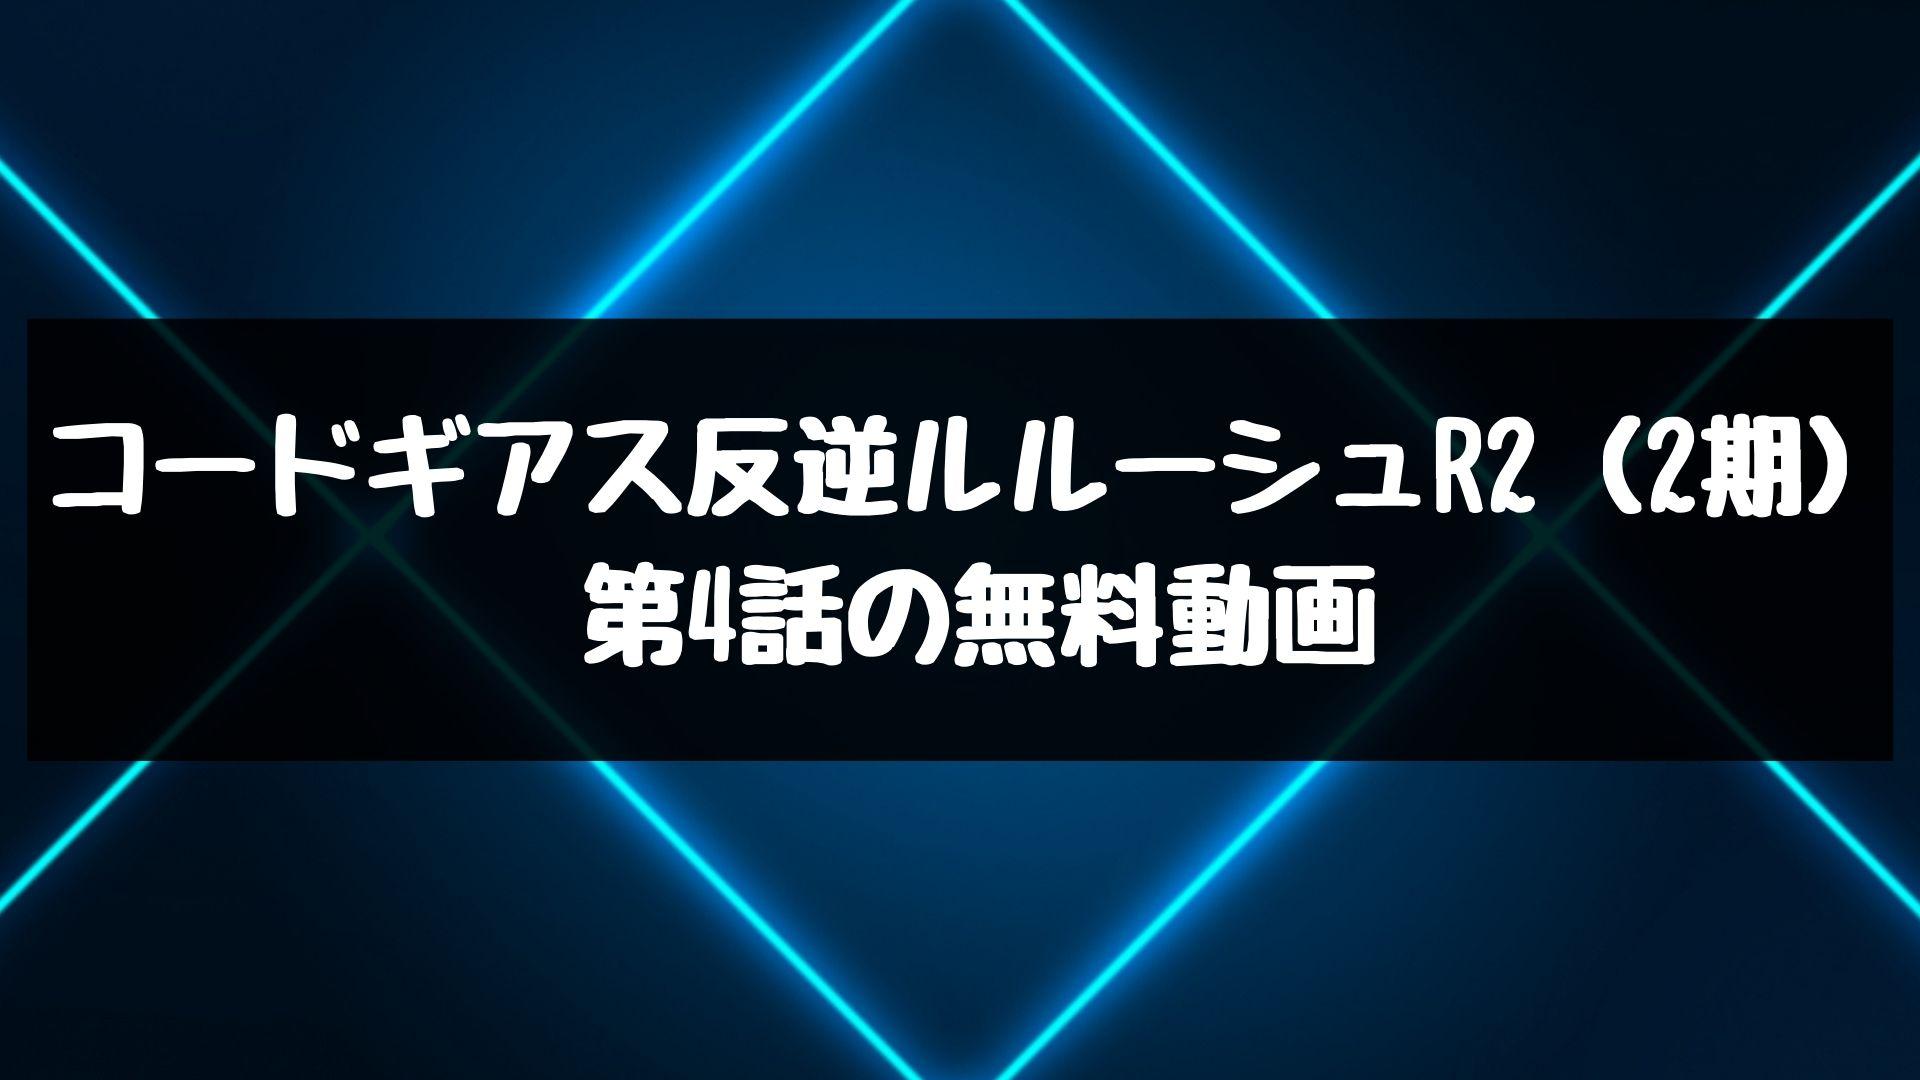 コードギアス反逆ルルーシュR2(2期) 第4話の無料動画